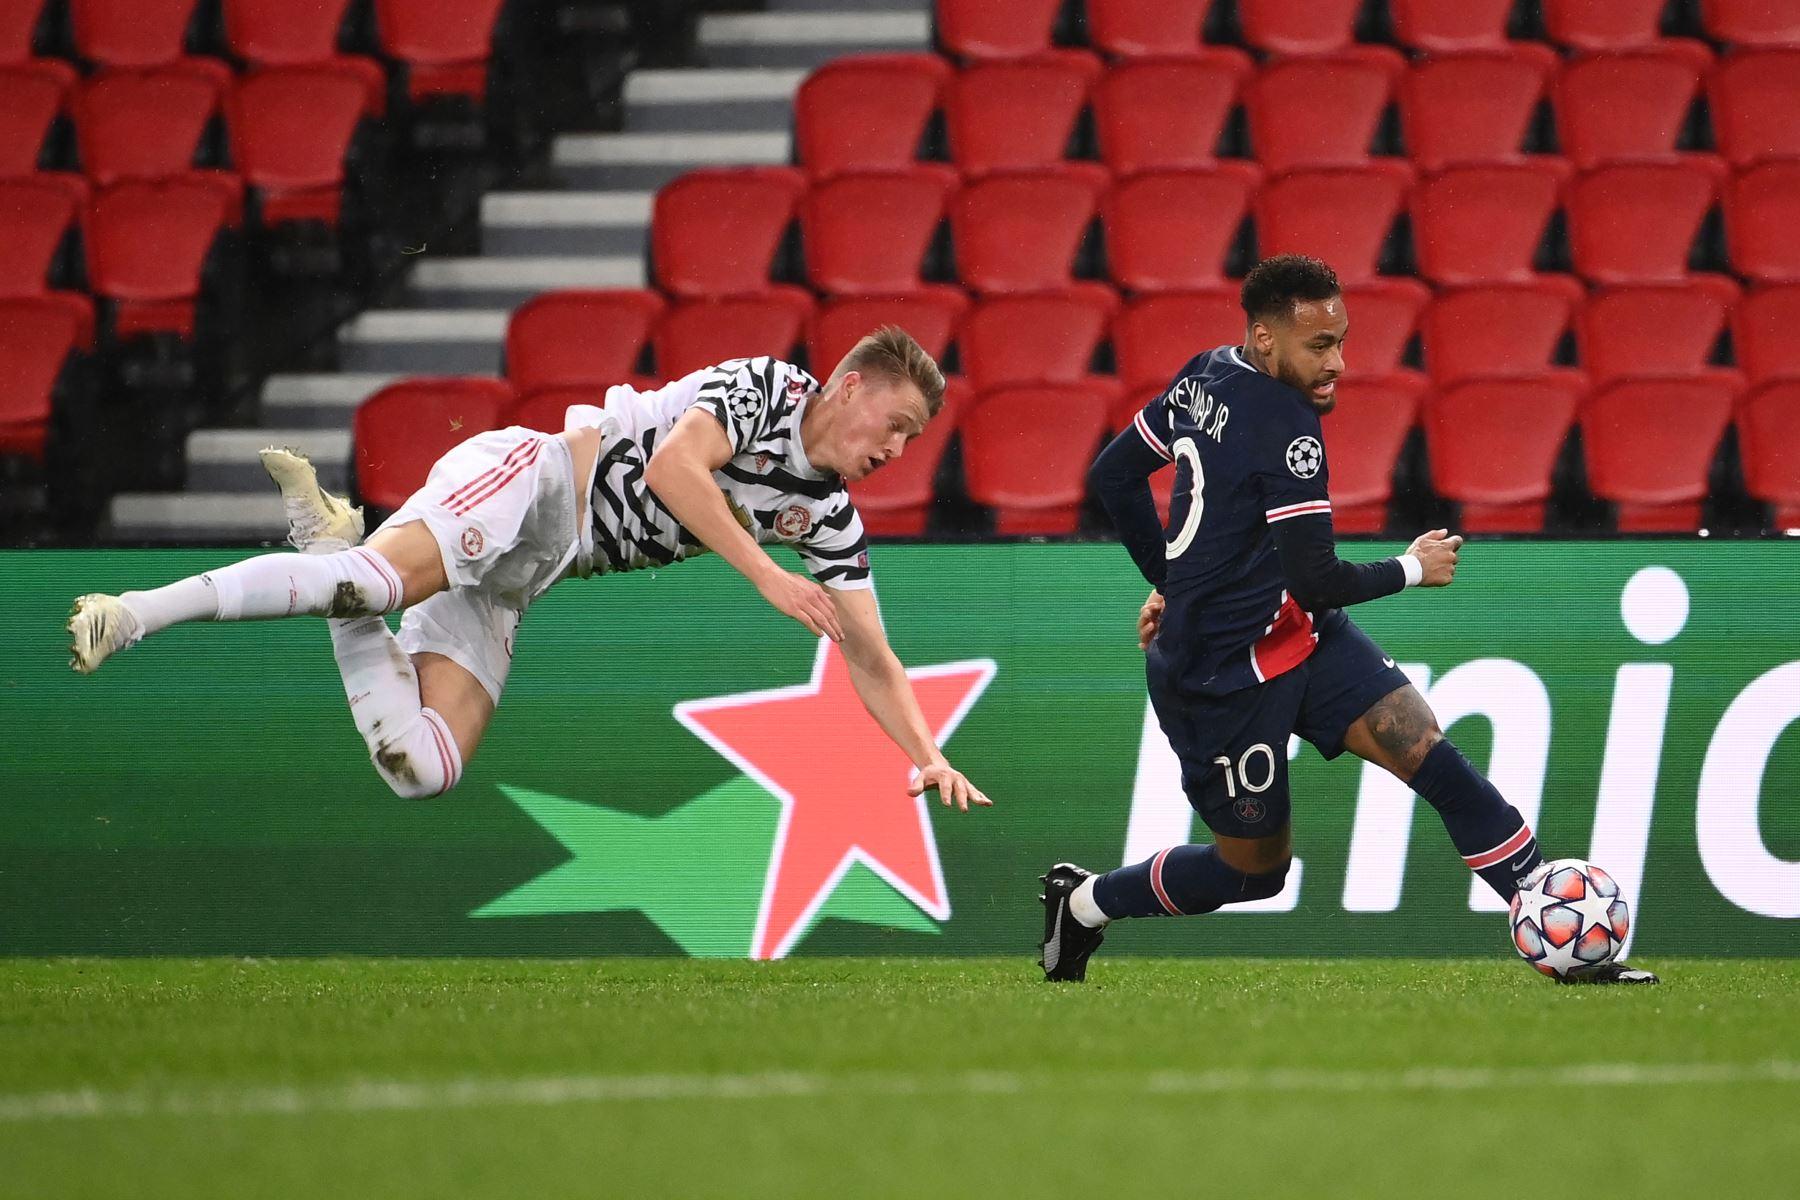 El delantero brasileño del Paris Saint-Germain Neymar compite por el balón con el centrocampista escocés del Manchester United, Scott McTominay, durante el partido de ida del Grupo H de la Liga de Campeones de la UEFA. Foto: AFP